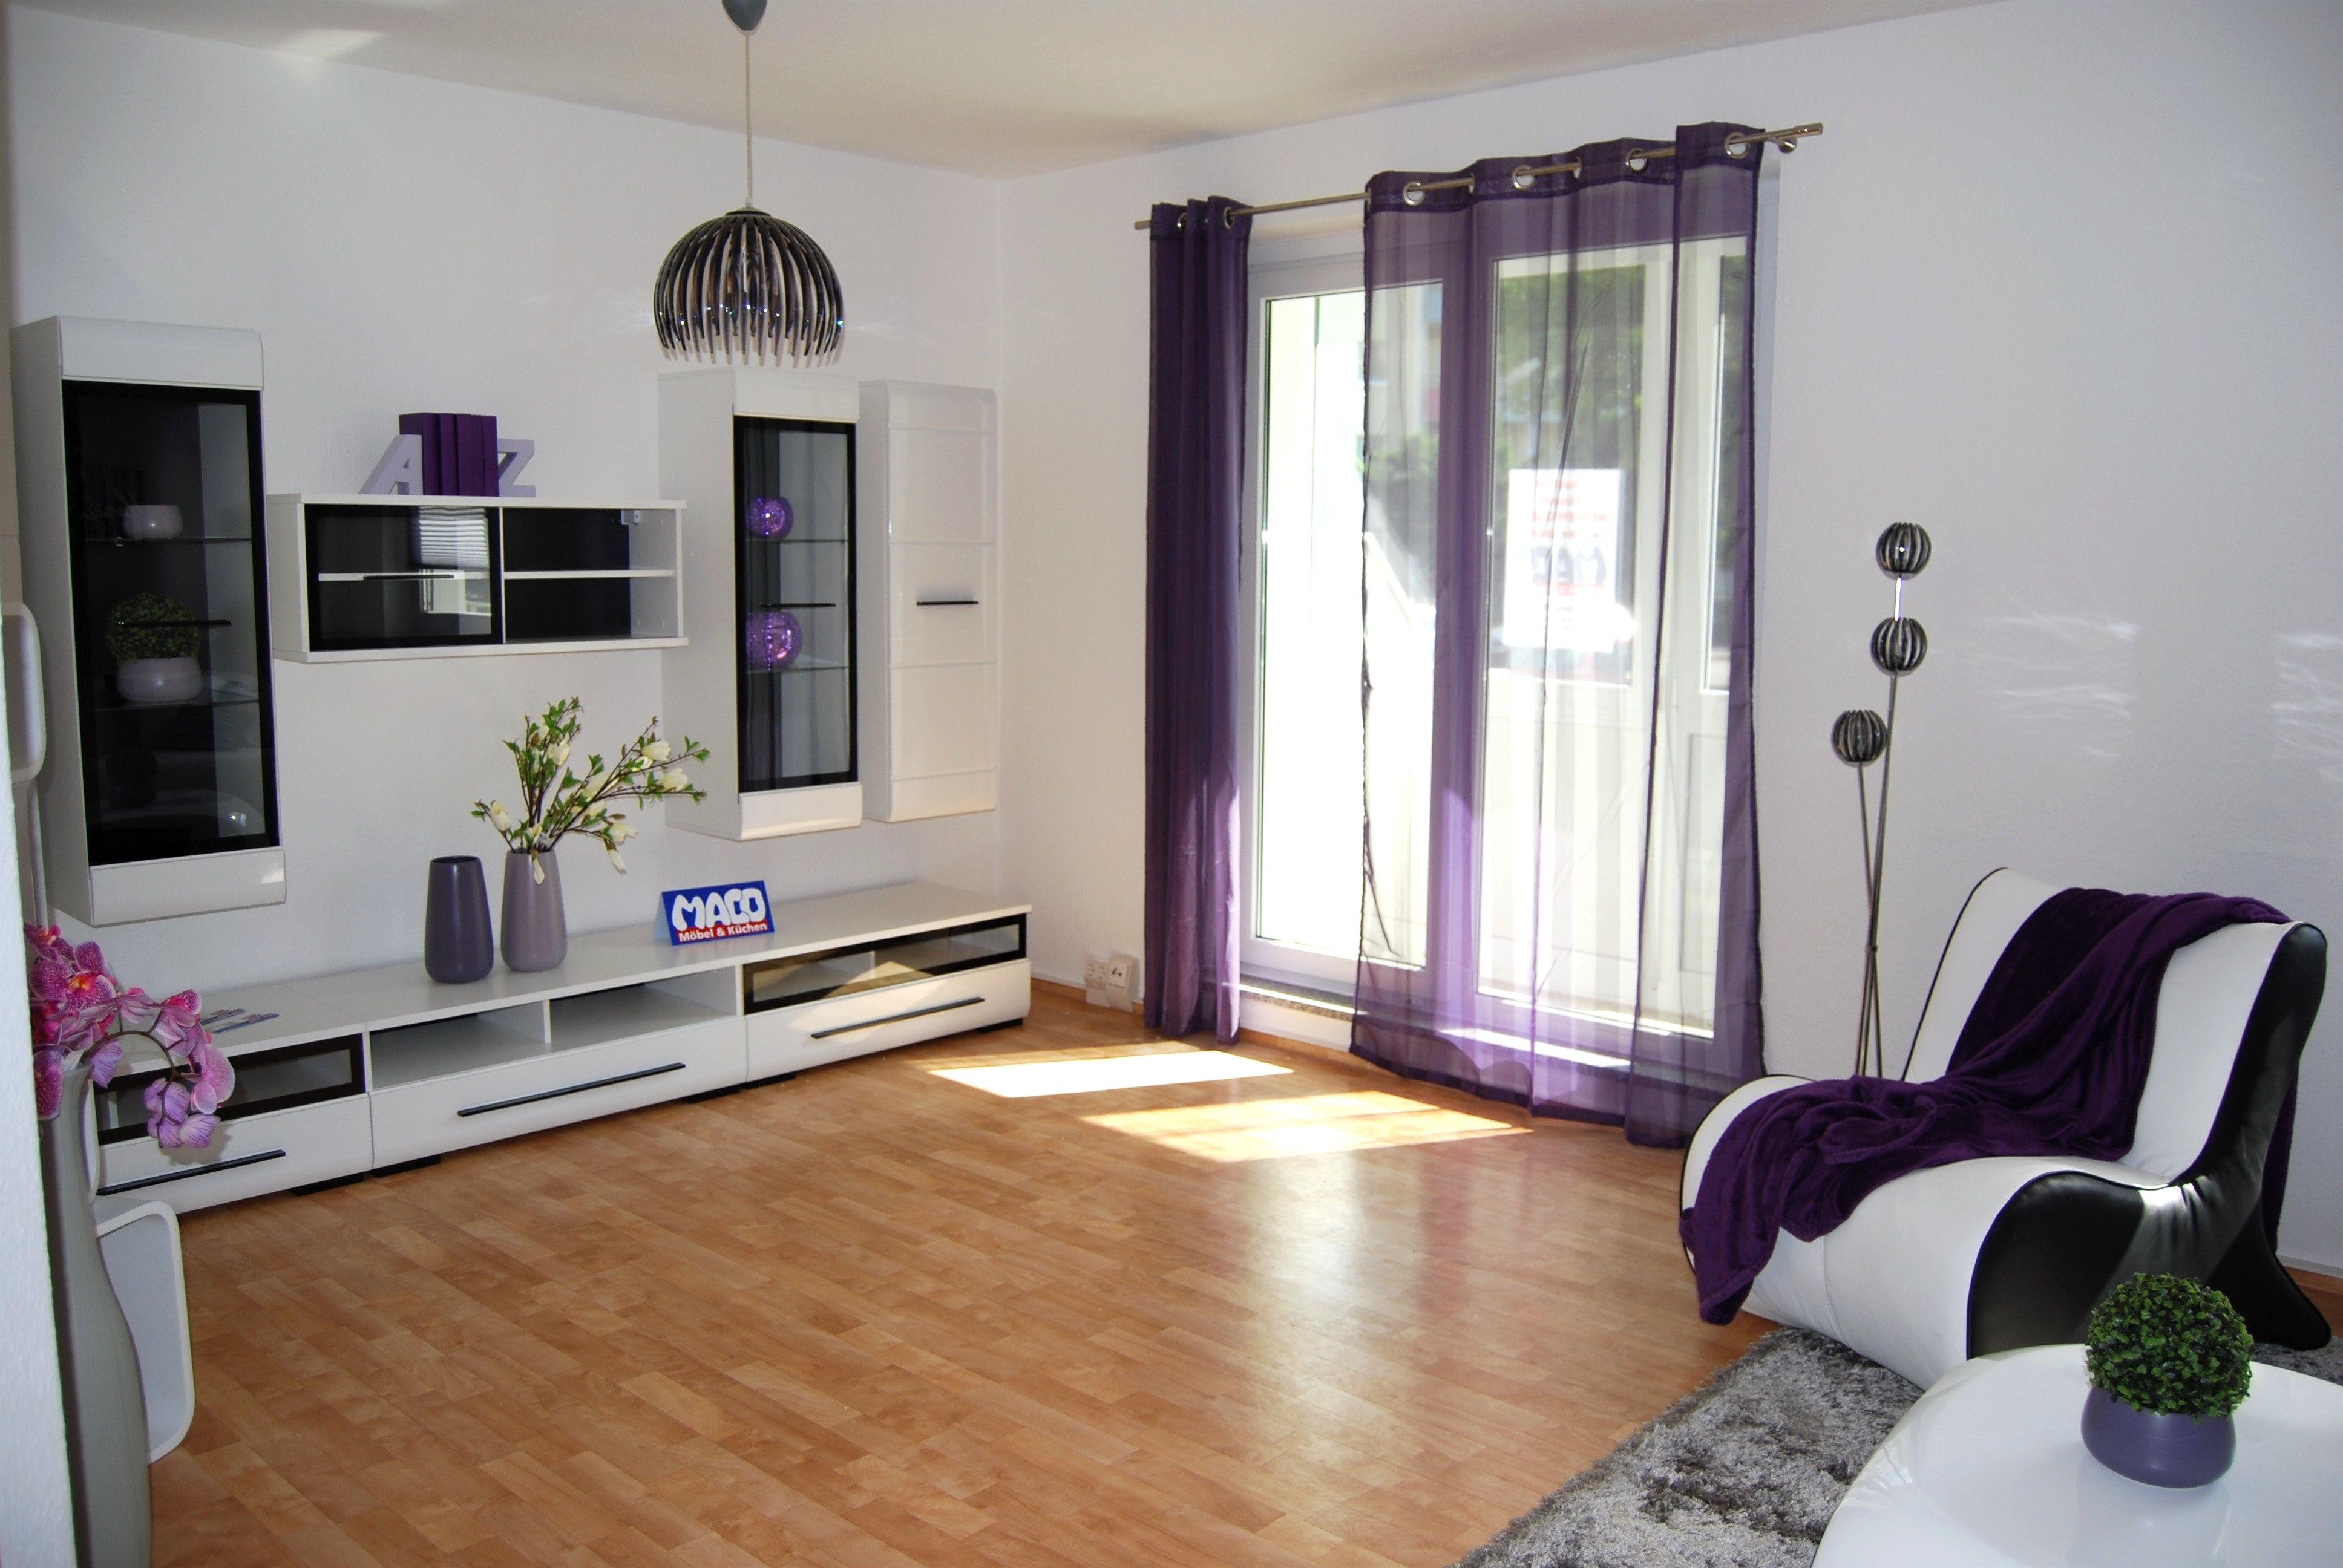 10 qm wohnzimmer einrichten  Apartment interior design, Apartment